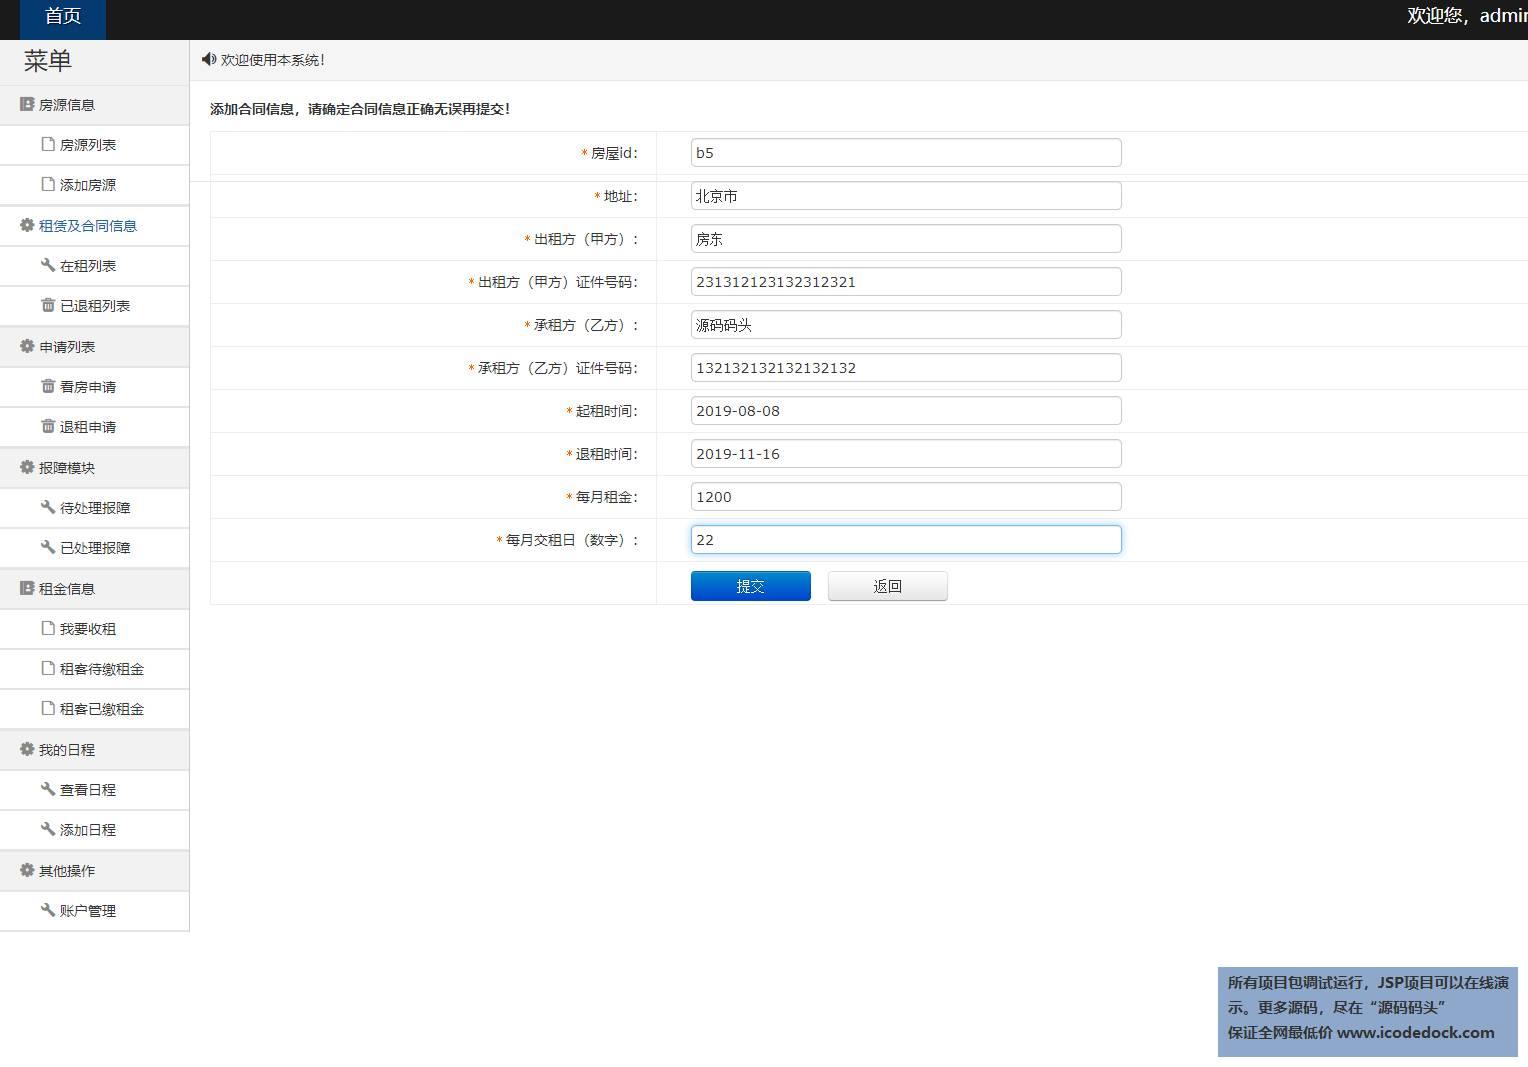 源码码头-SSM房屋租赁管理系统-管理员角色-填写合同